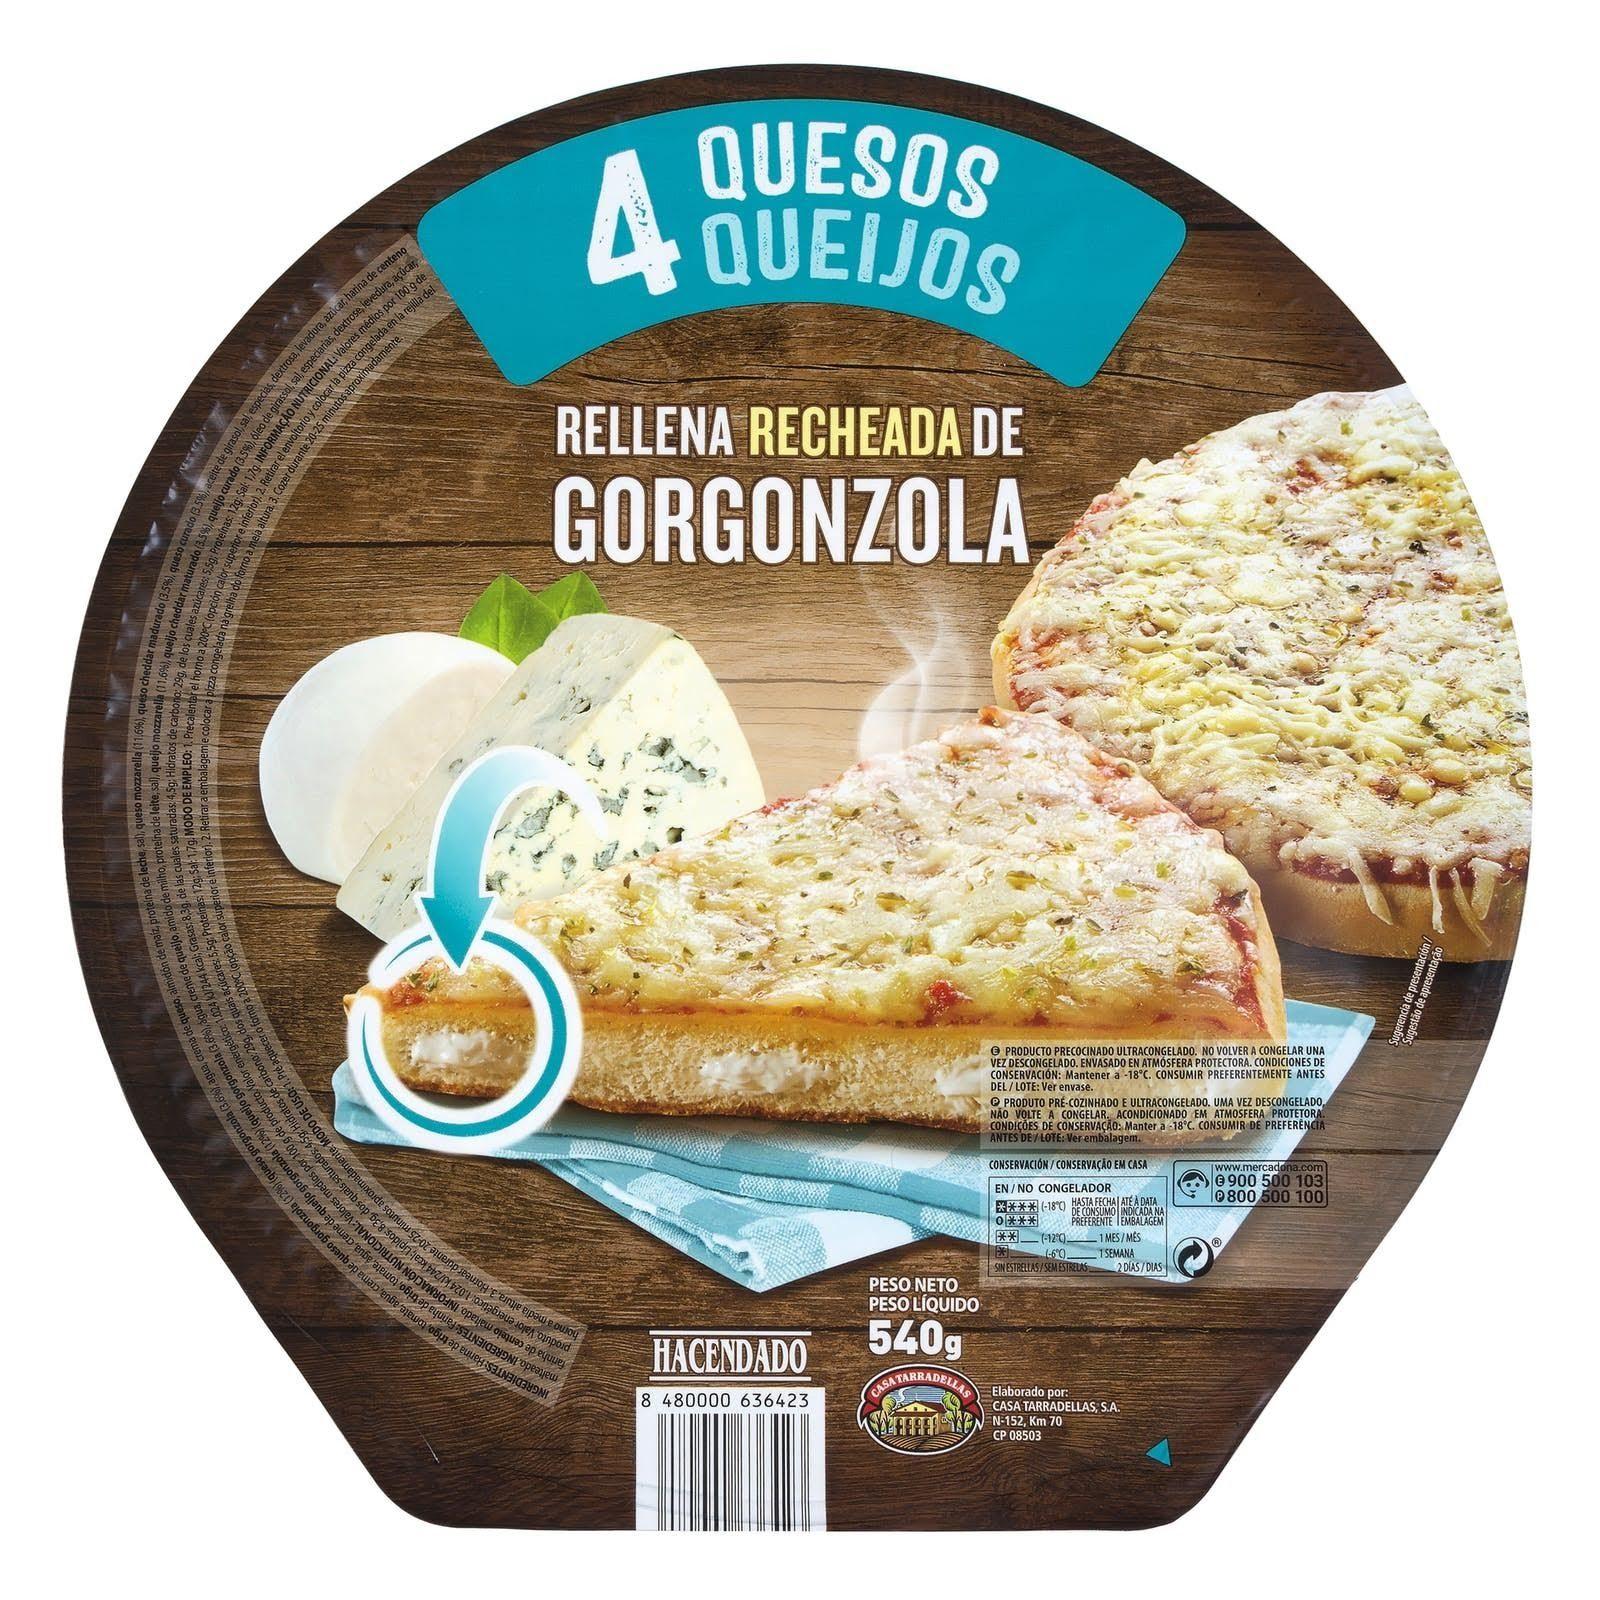 pizza-cuatro-quesos-rellena-de-gorgonzola-hacendado-mercadona-1-3683256